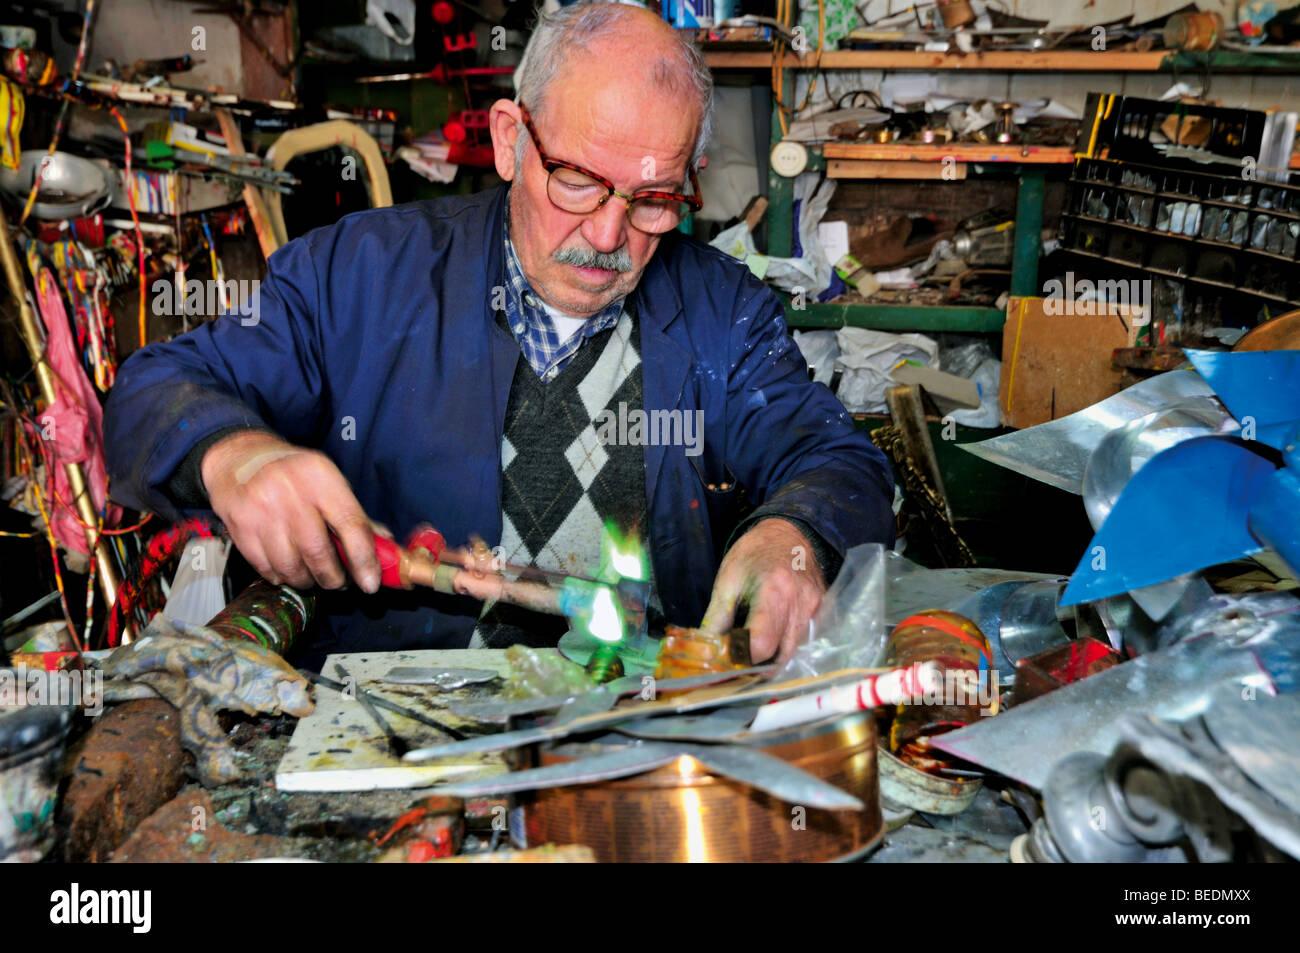 Portugal, Algarve: Mister Anibal da Silva Bandeira working in his metal atelier in Tavira Stock Photo